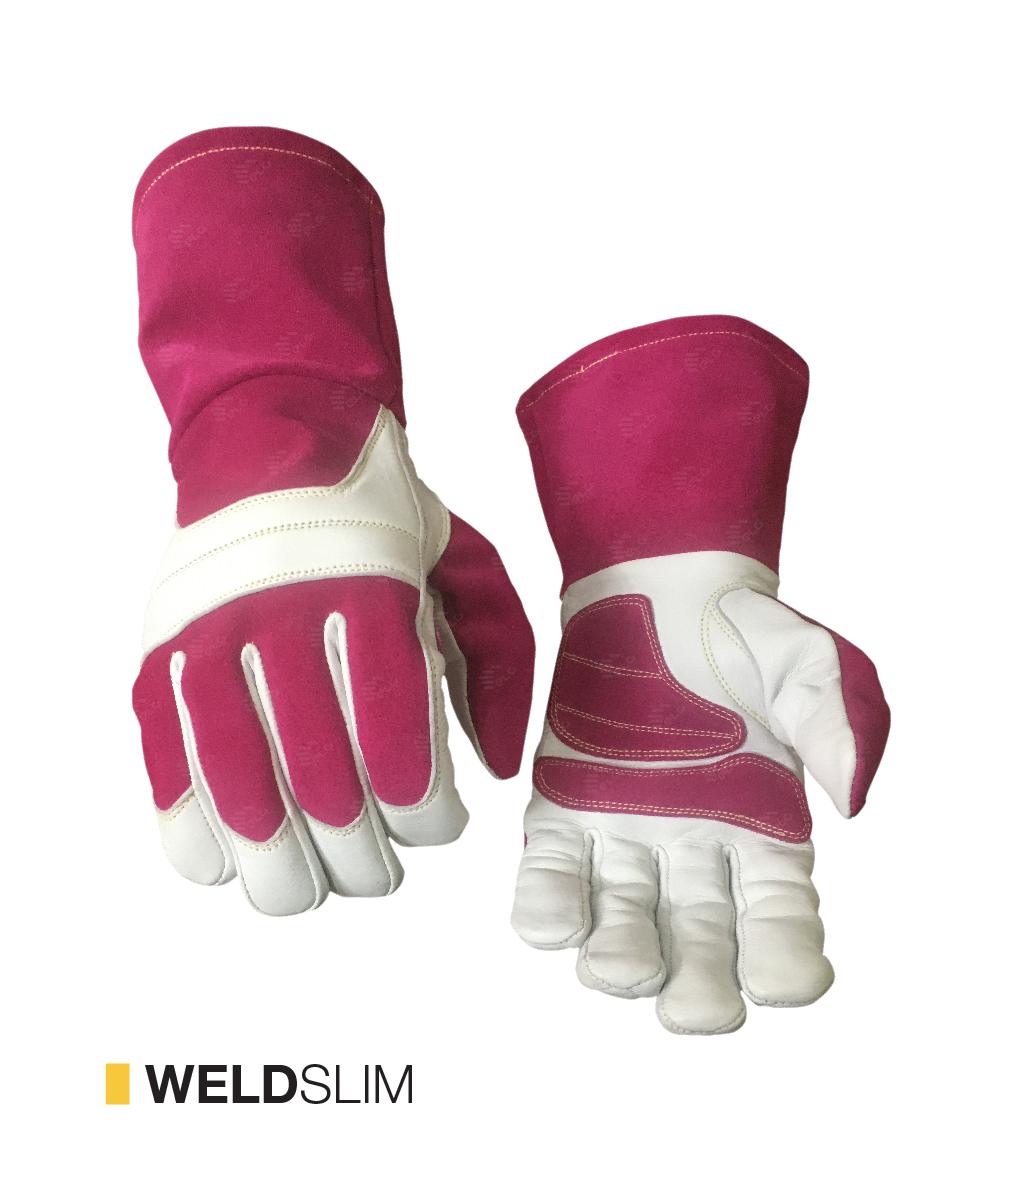 Weldslim cut-resistant gloves by elite leather